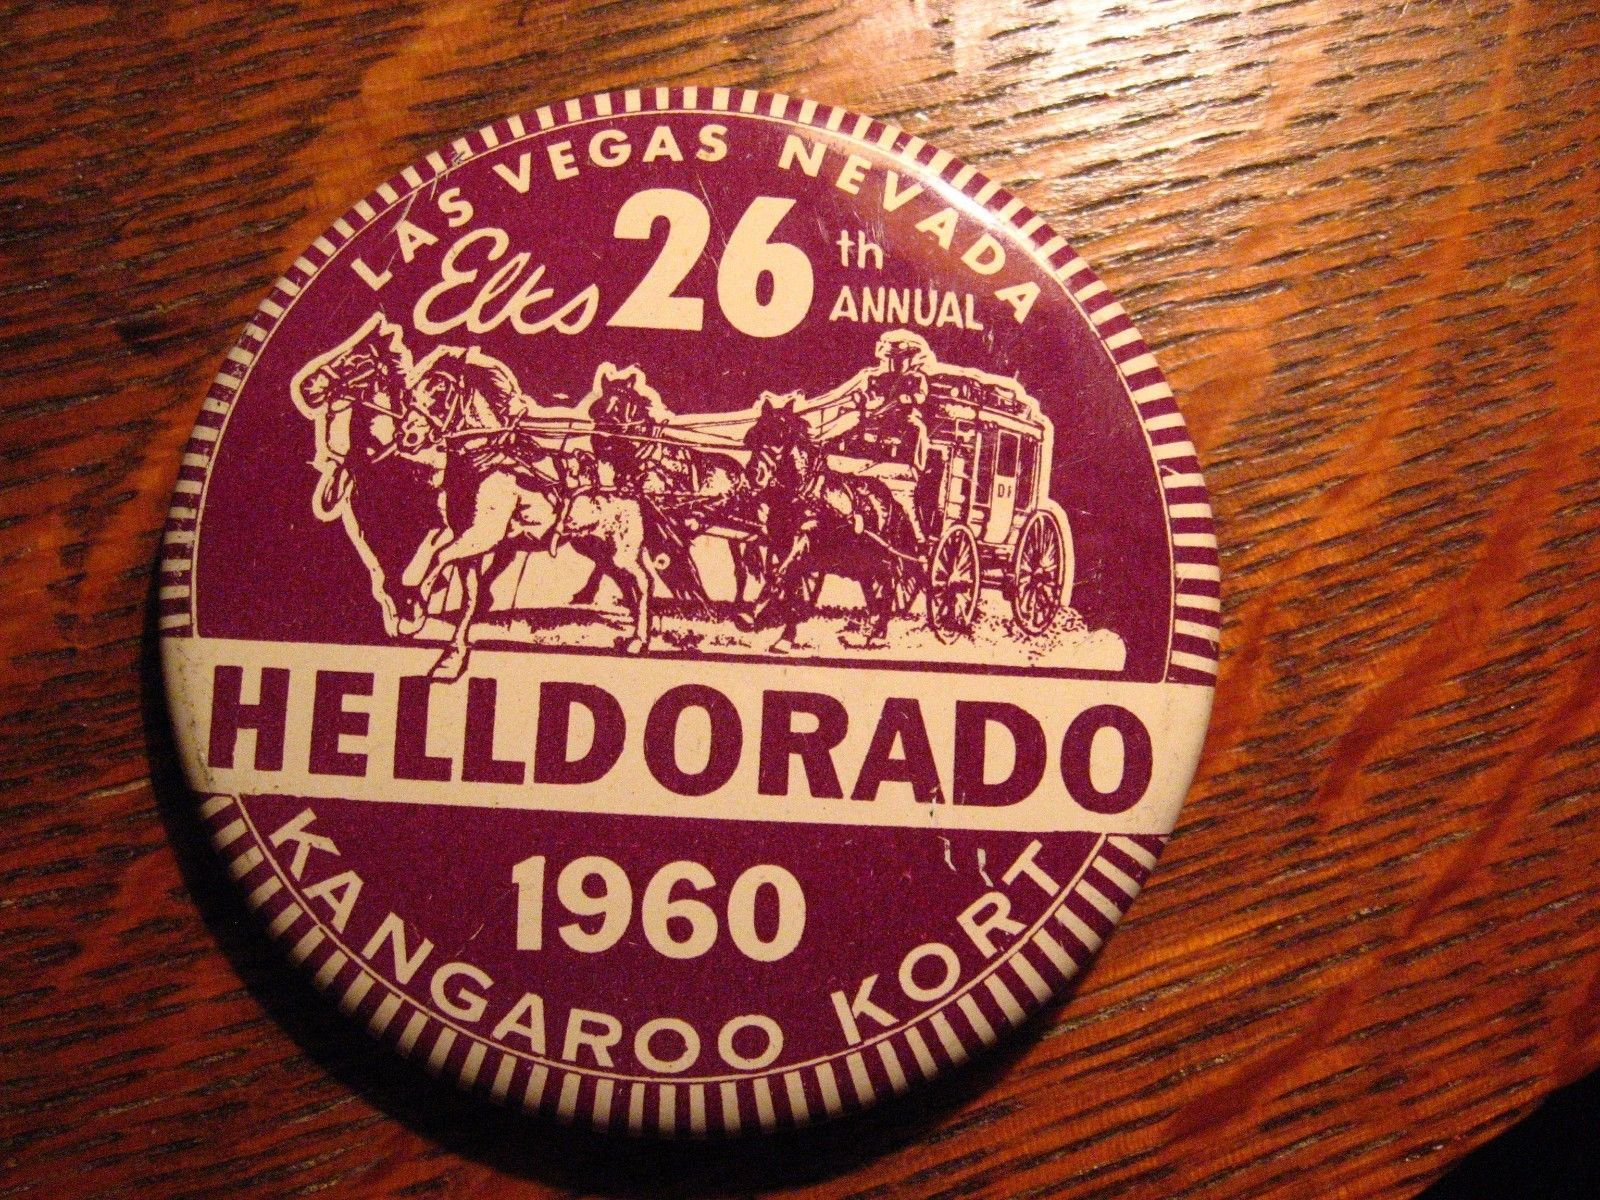 Elks Club Vintage Lapel Pin - 1960 Las Vegas Nevada USA HellDorado Kangaroo Kort